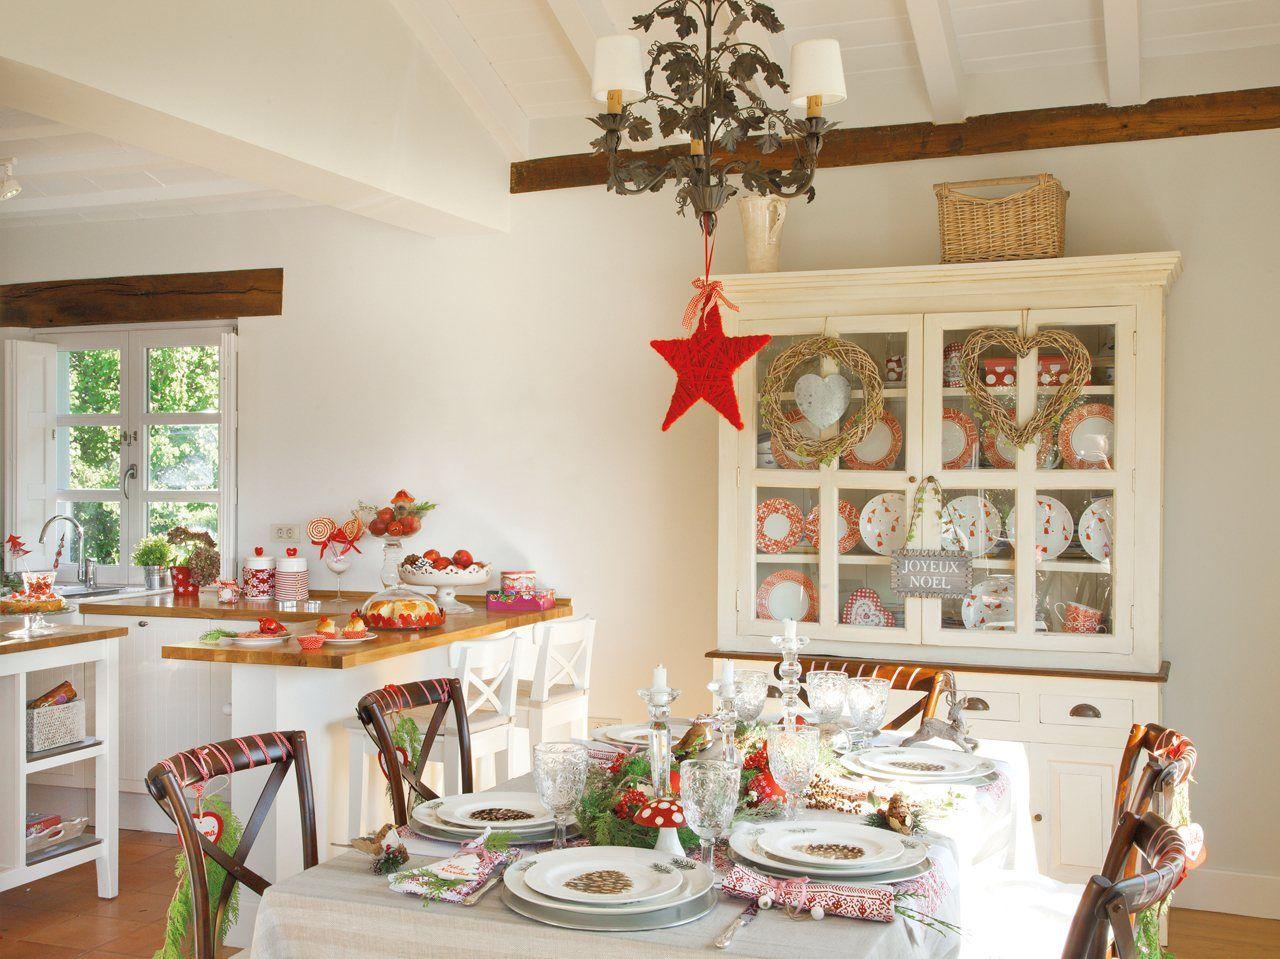 Office de la cocina con decoracion navidena - Decoracion navidena rustica ...